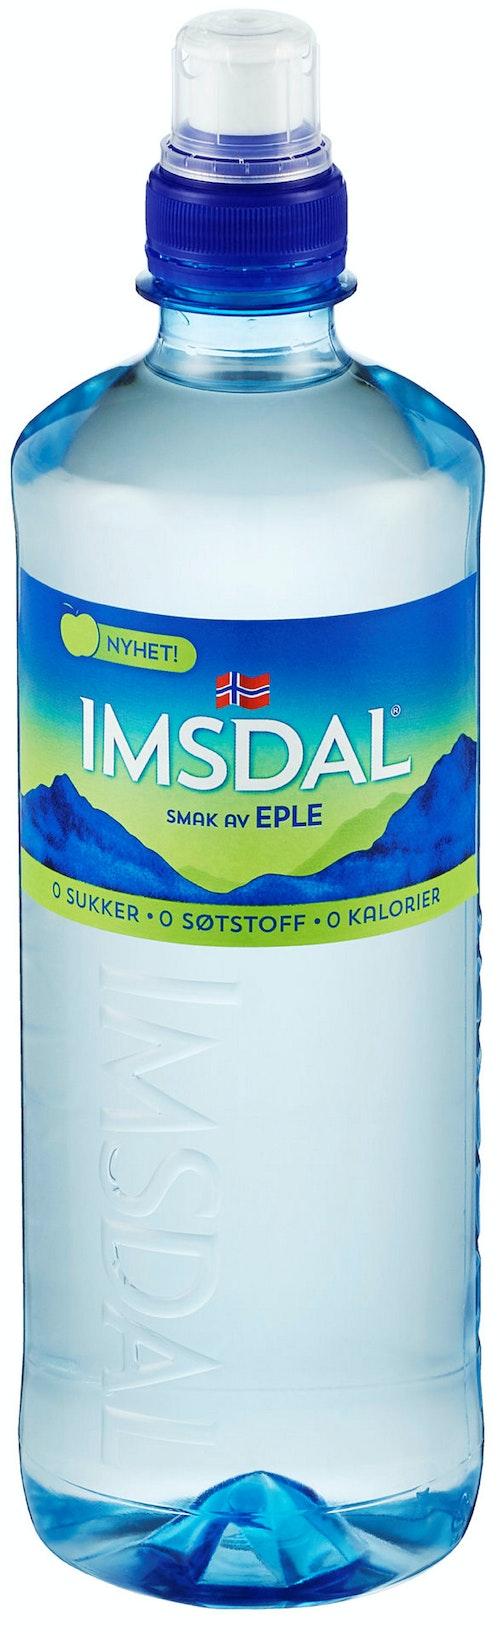 Imsdal Imsdal Eple 0 kalorier, 0,65 l